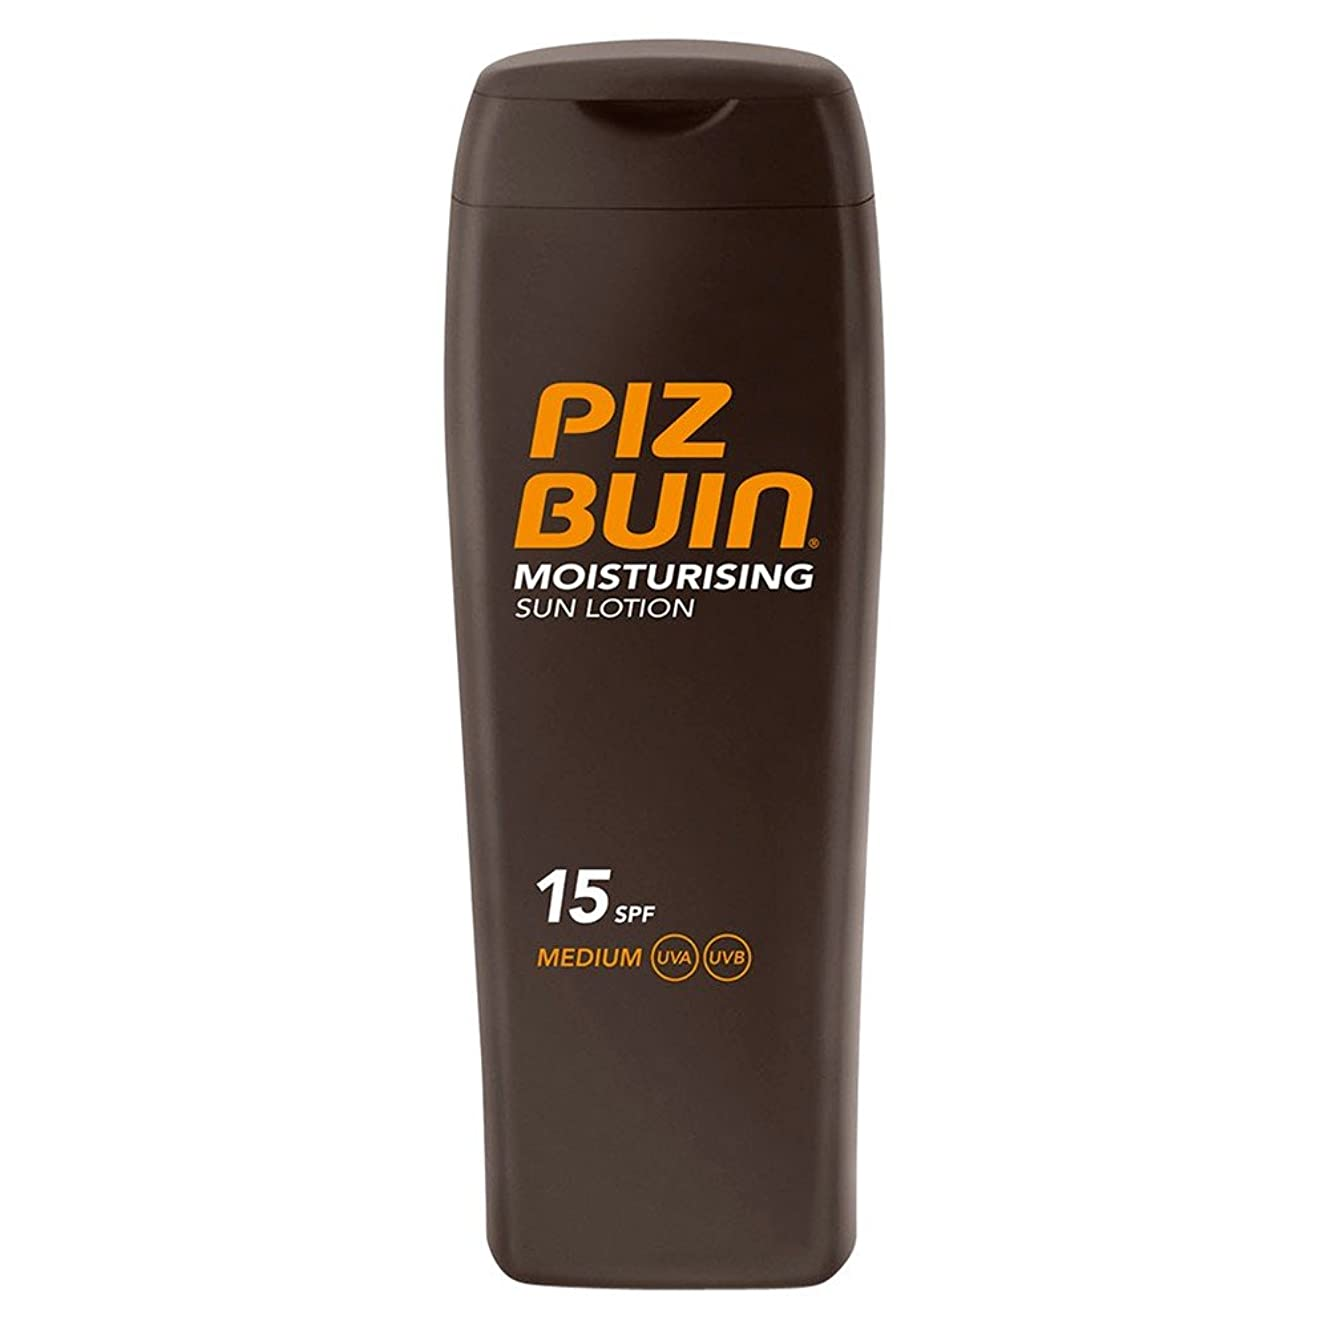 テキストウェイトレスファーザーファージュ日ローションSpf15の200ミリリットル中ピッツのブイン (Piz Buin) (x6) - Piz Buin In Sun Lotion SPF15 200ml (Pack of 6) [並行輸入品]